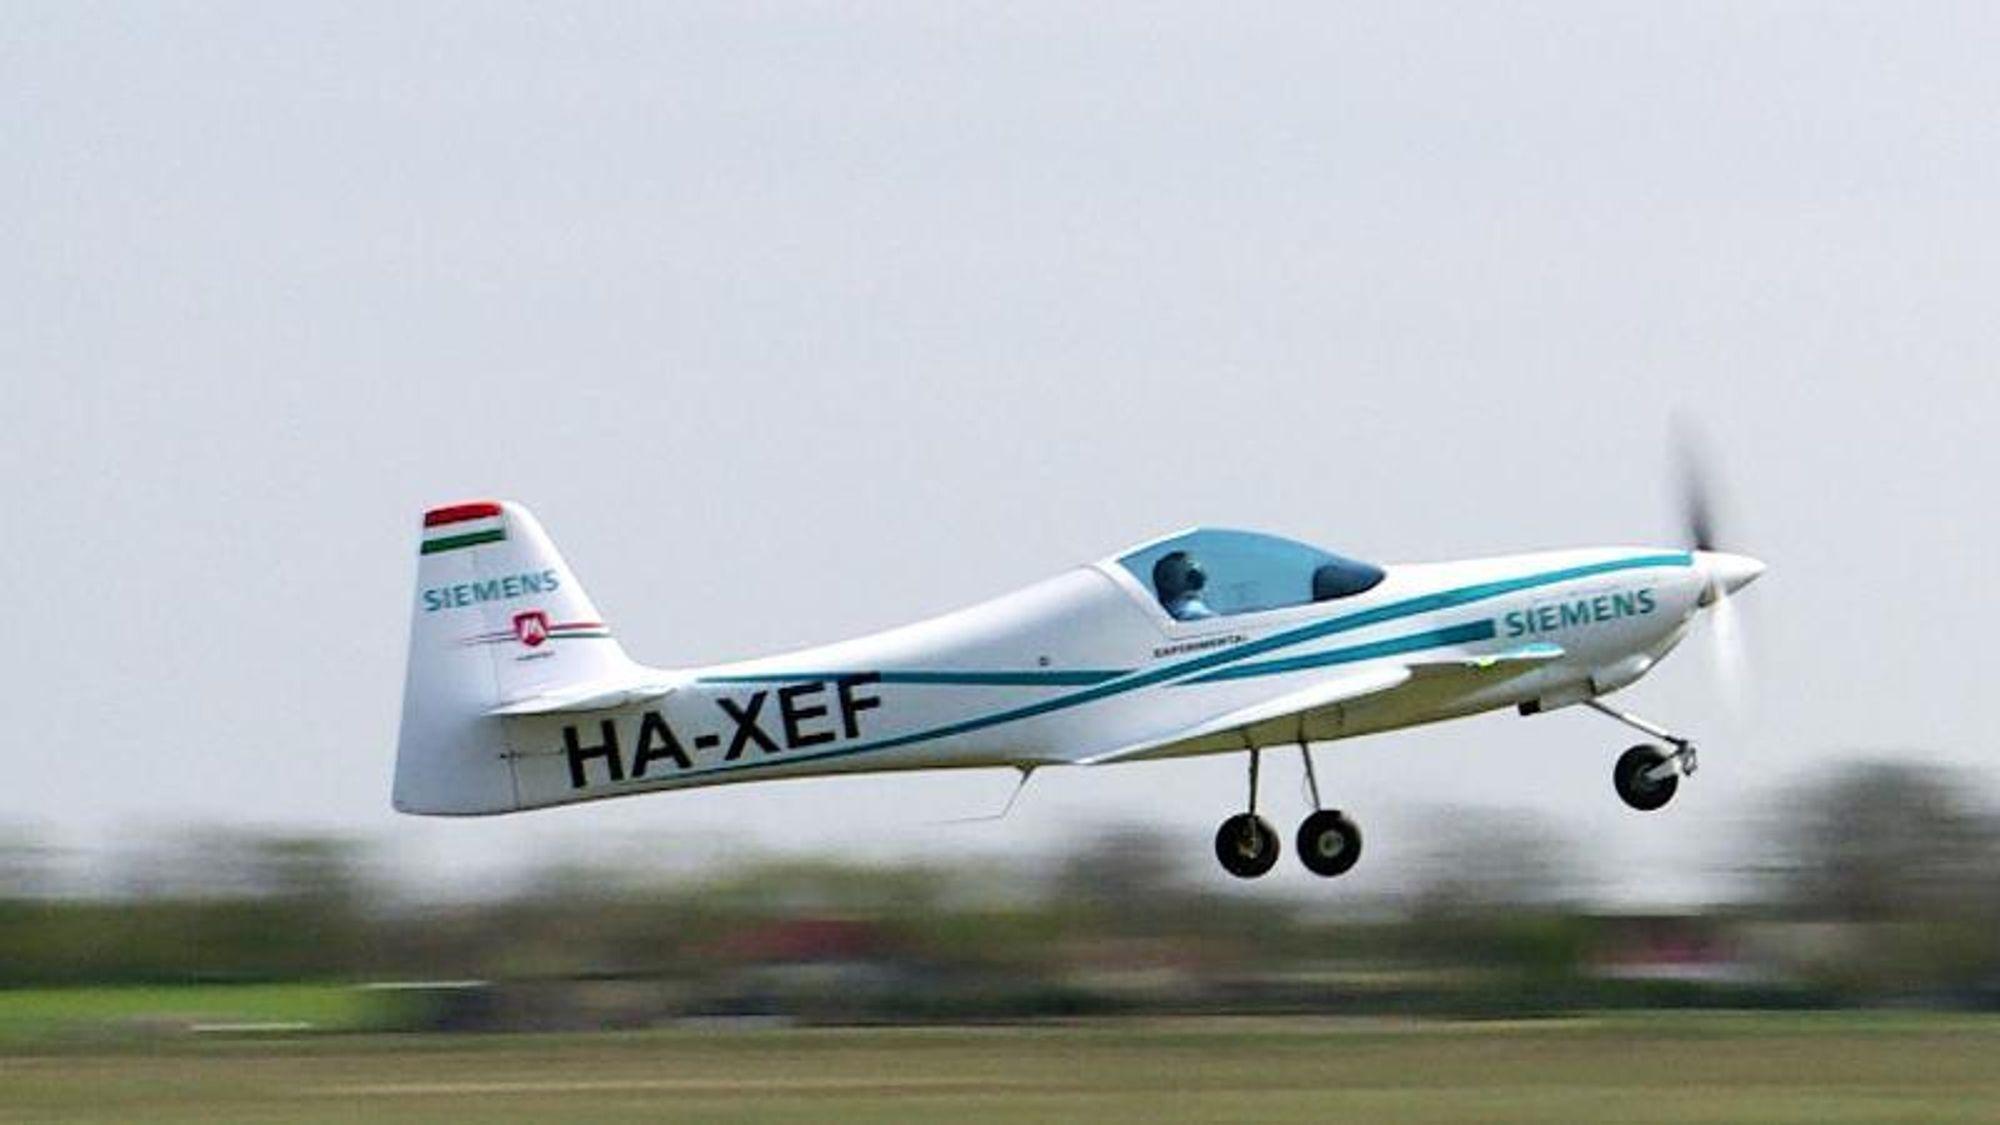 Det elektriske flyet eFusion er utstyrt med en 55 kW-elmotor fra Siemens. Letting og landing foregår på ren elektrisk kraft. På lengre turer er planen at det kan leveres en versjon av flyet som er utstyrt med en tresylindret dieselmotor fra Daimler, som kan lade opp batteriet.Foto: Magnus Aircraft